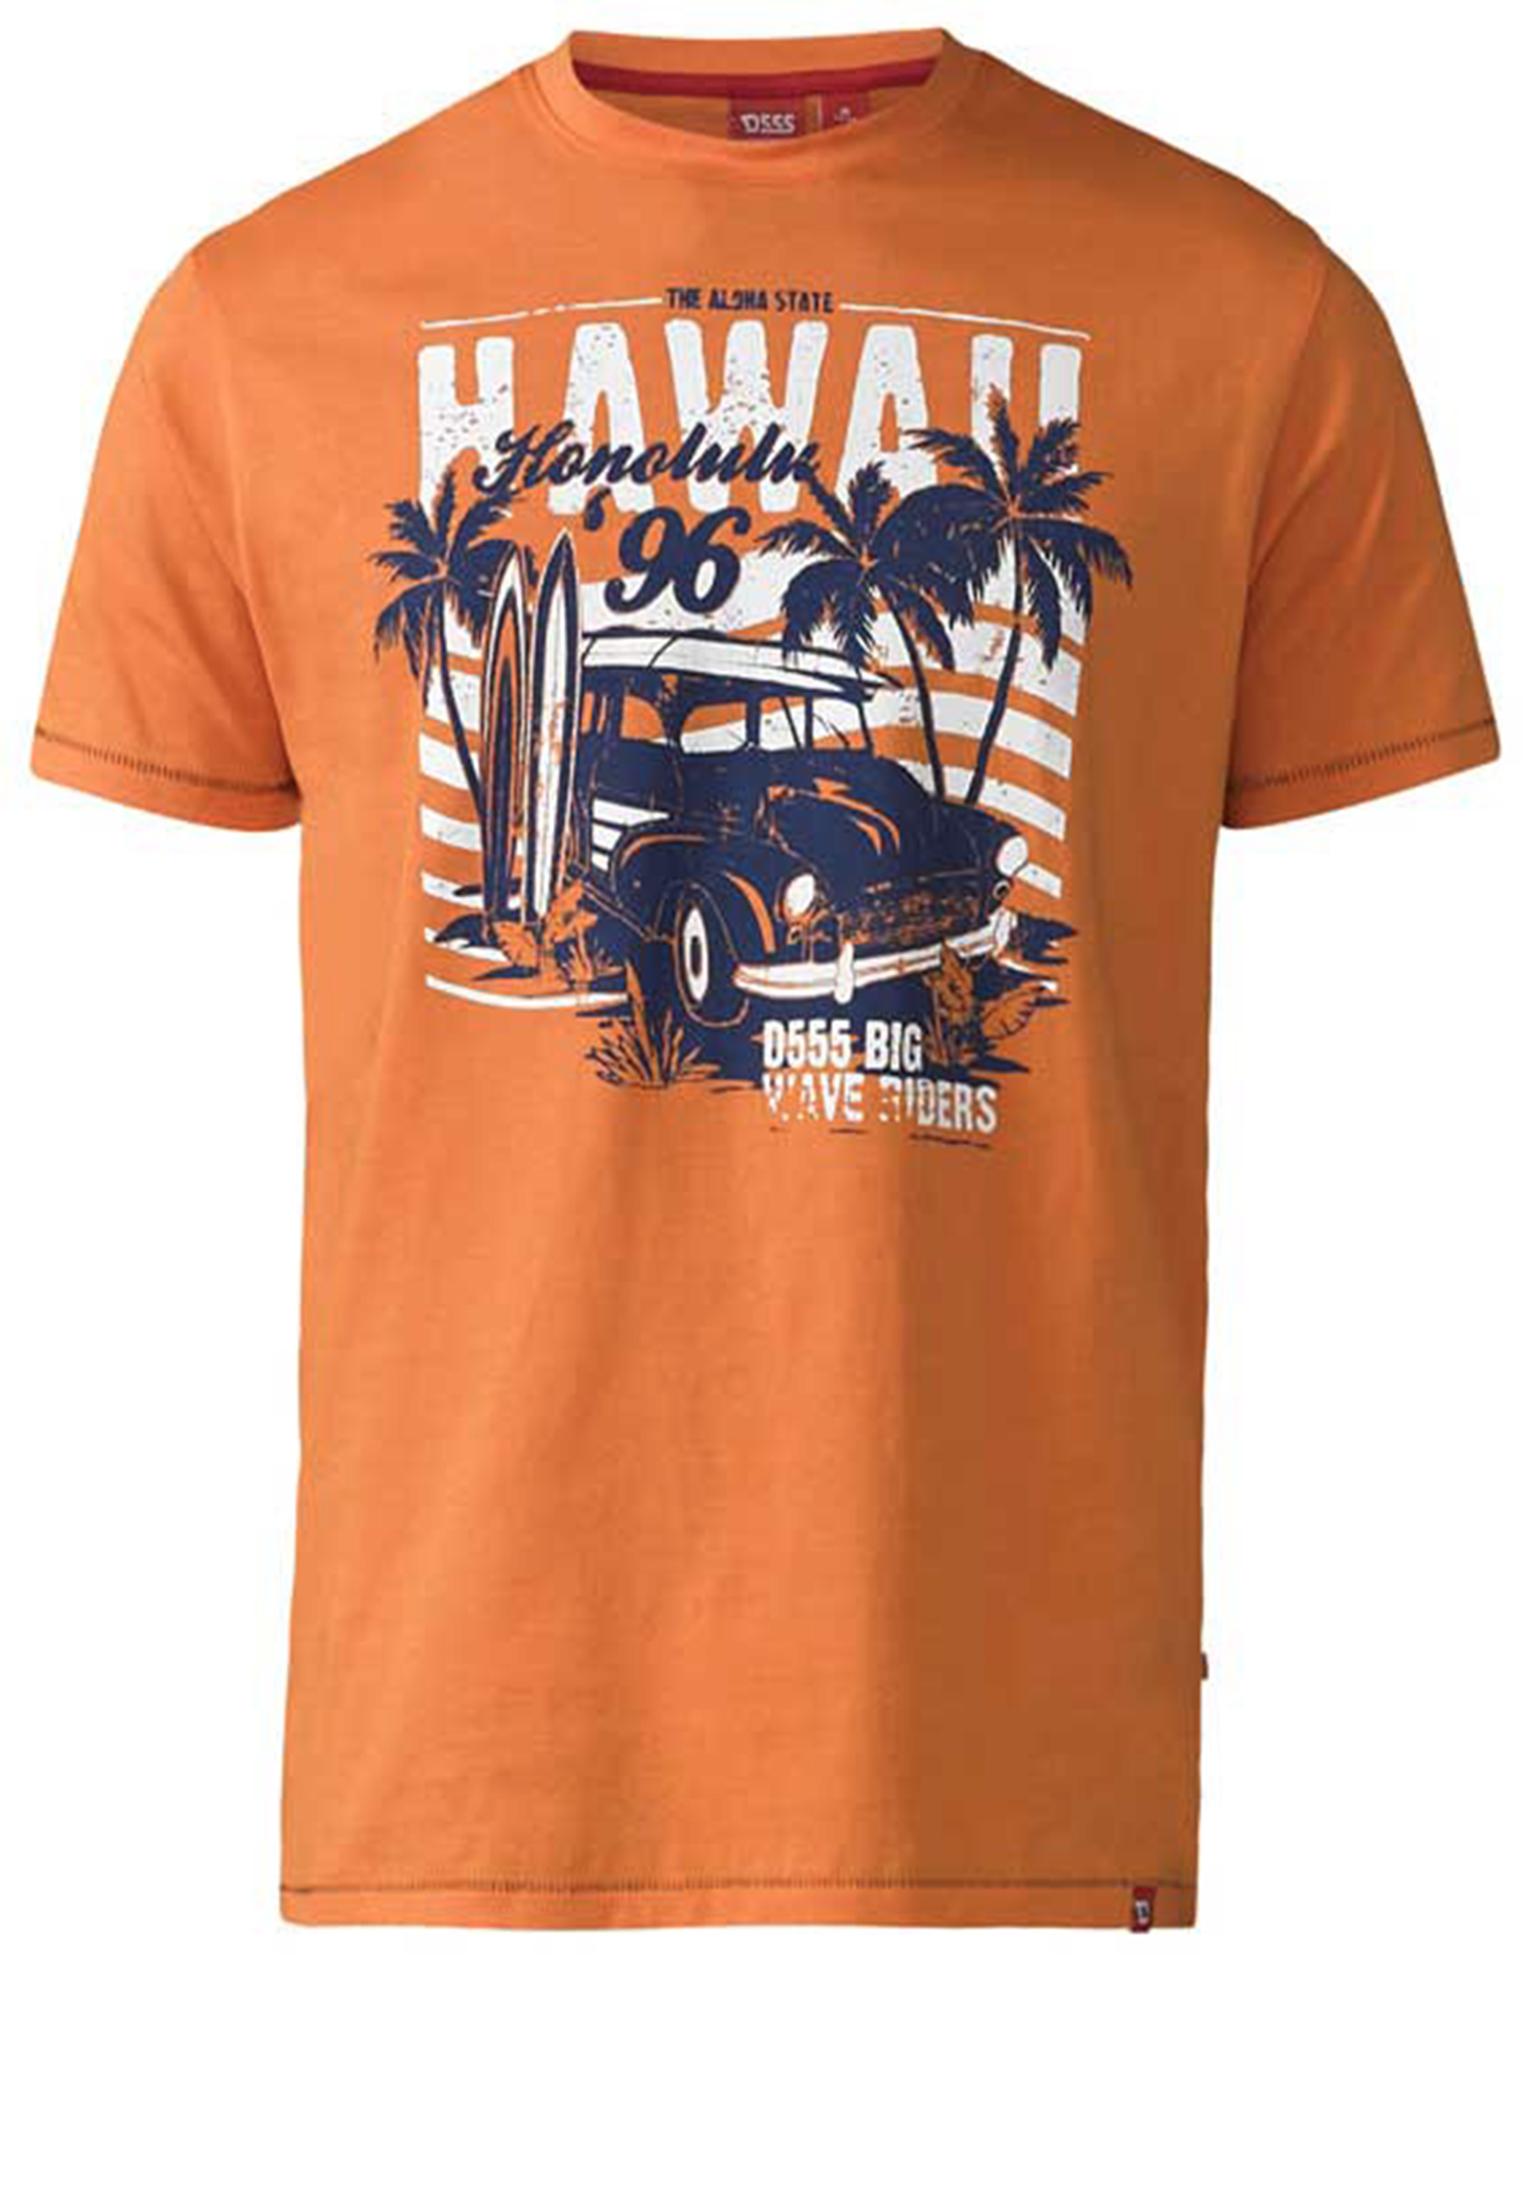 Een erg leuk, zomers oranje t-shirt van D555 met een wit-zwarte print en ronde hals. Dit shirt is ideaal te combineren met diverse soorten jeans en shorts. Perfect voor het voorjaar- en zomerseizoen.